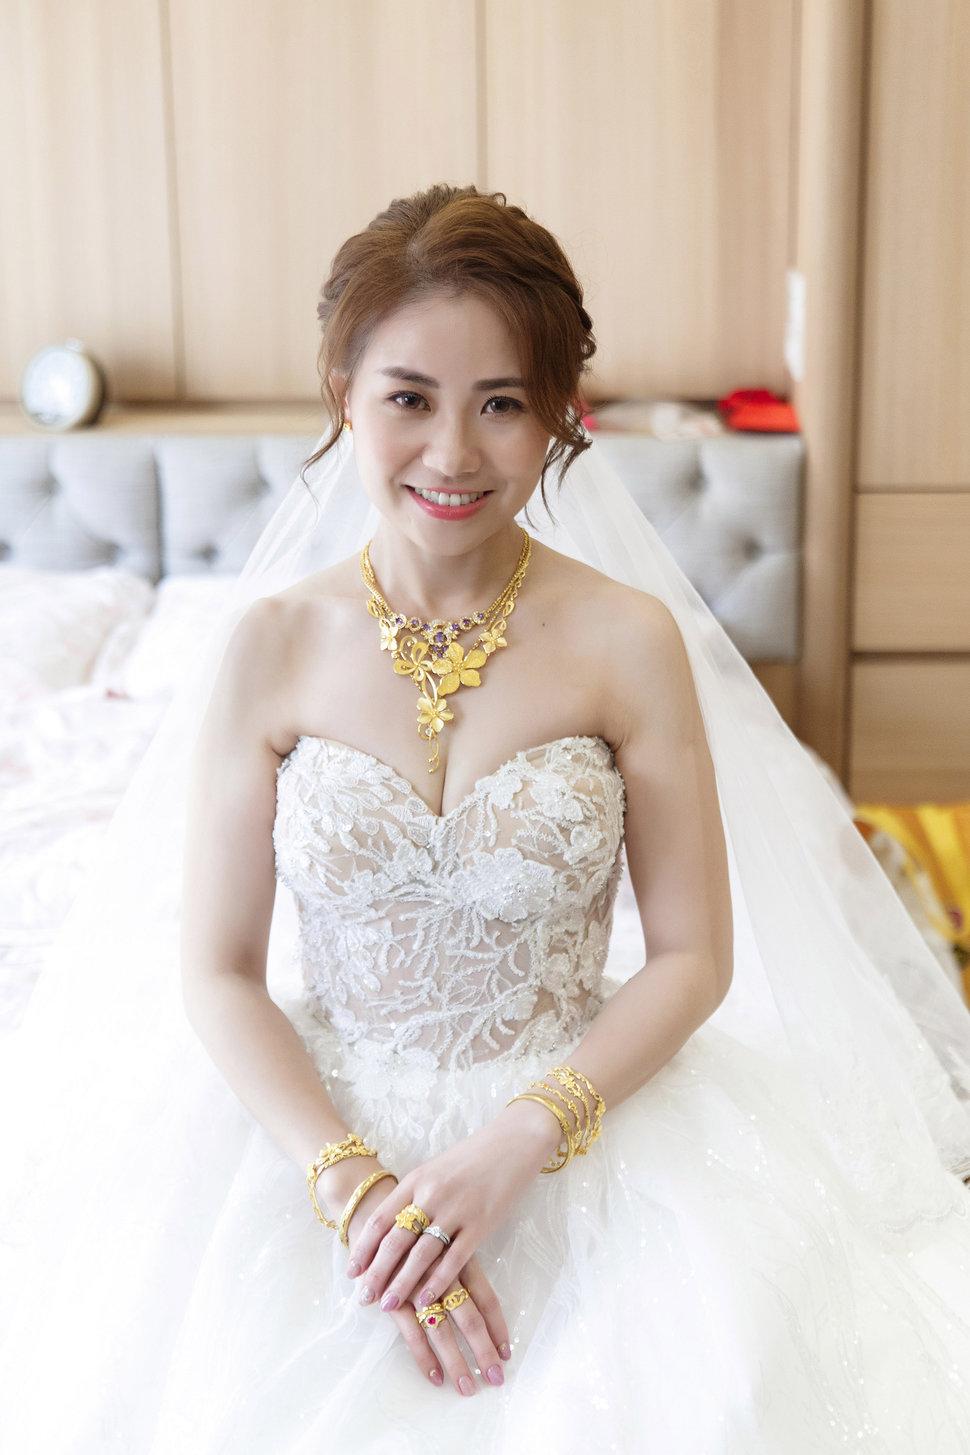 0206 - 小夫妻婚攝《結婚吧》